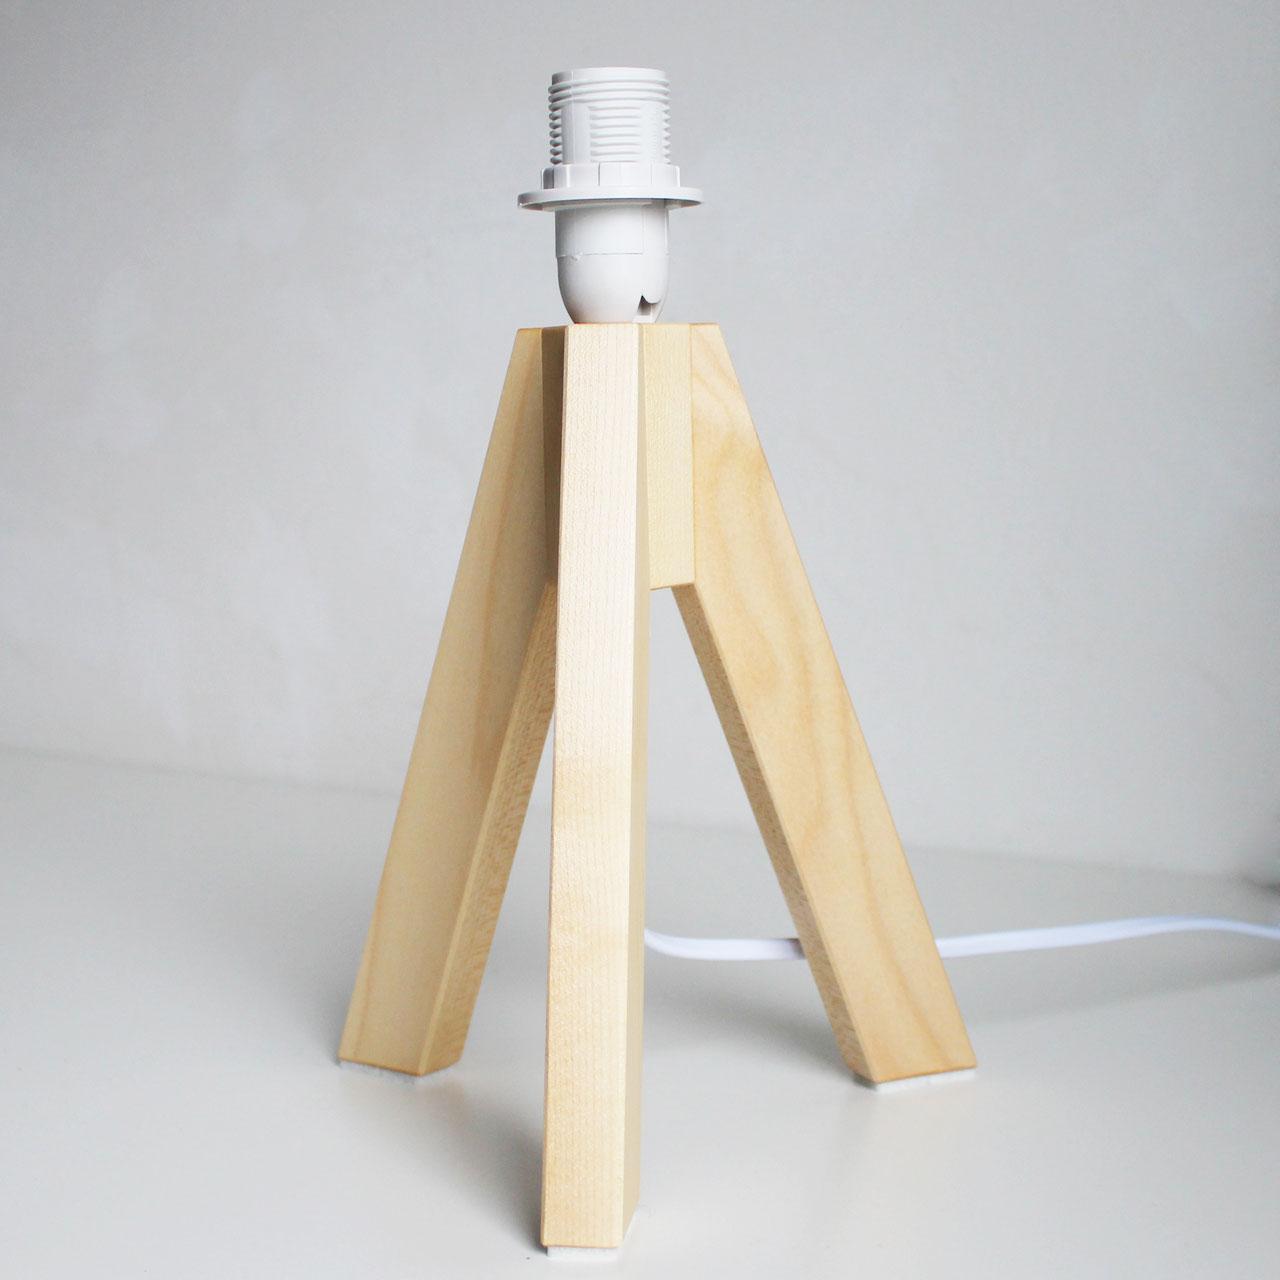 fotolampen zum selber bauen kleinformat lampen. Black Bedroom Furniture Sets. Home Design Ideas